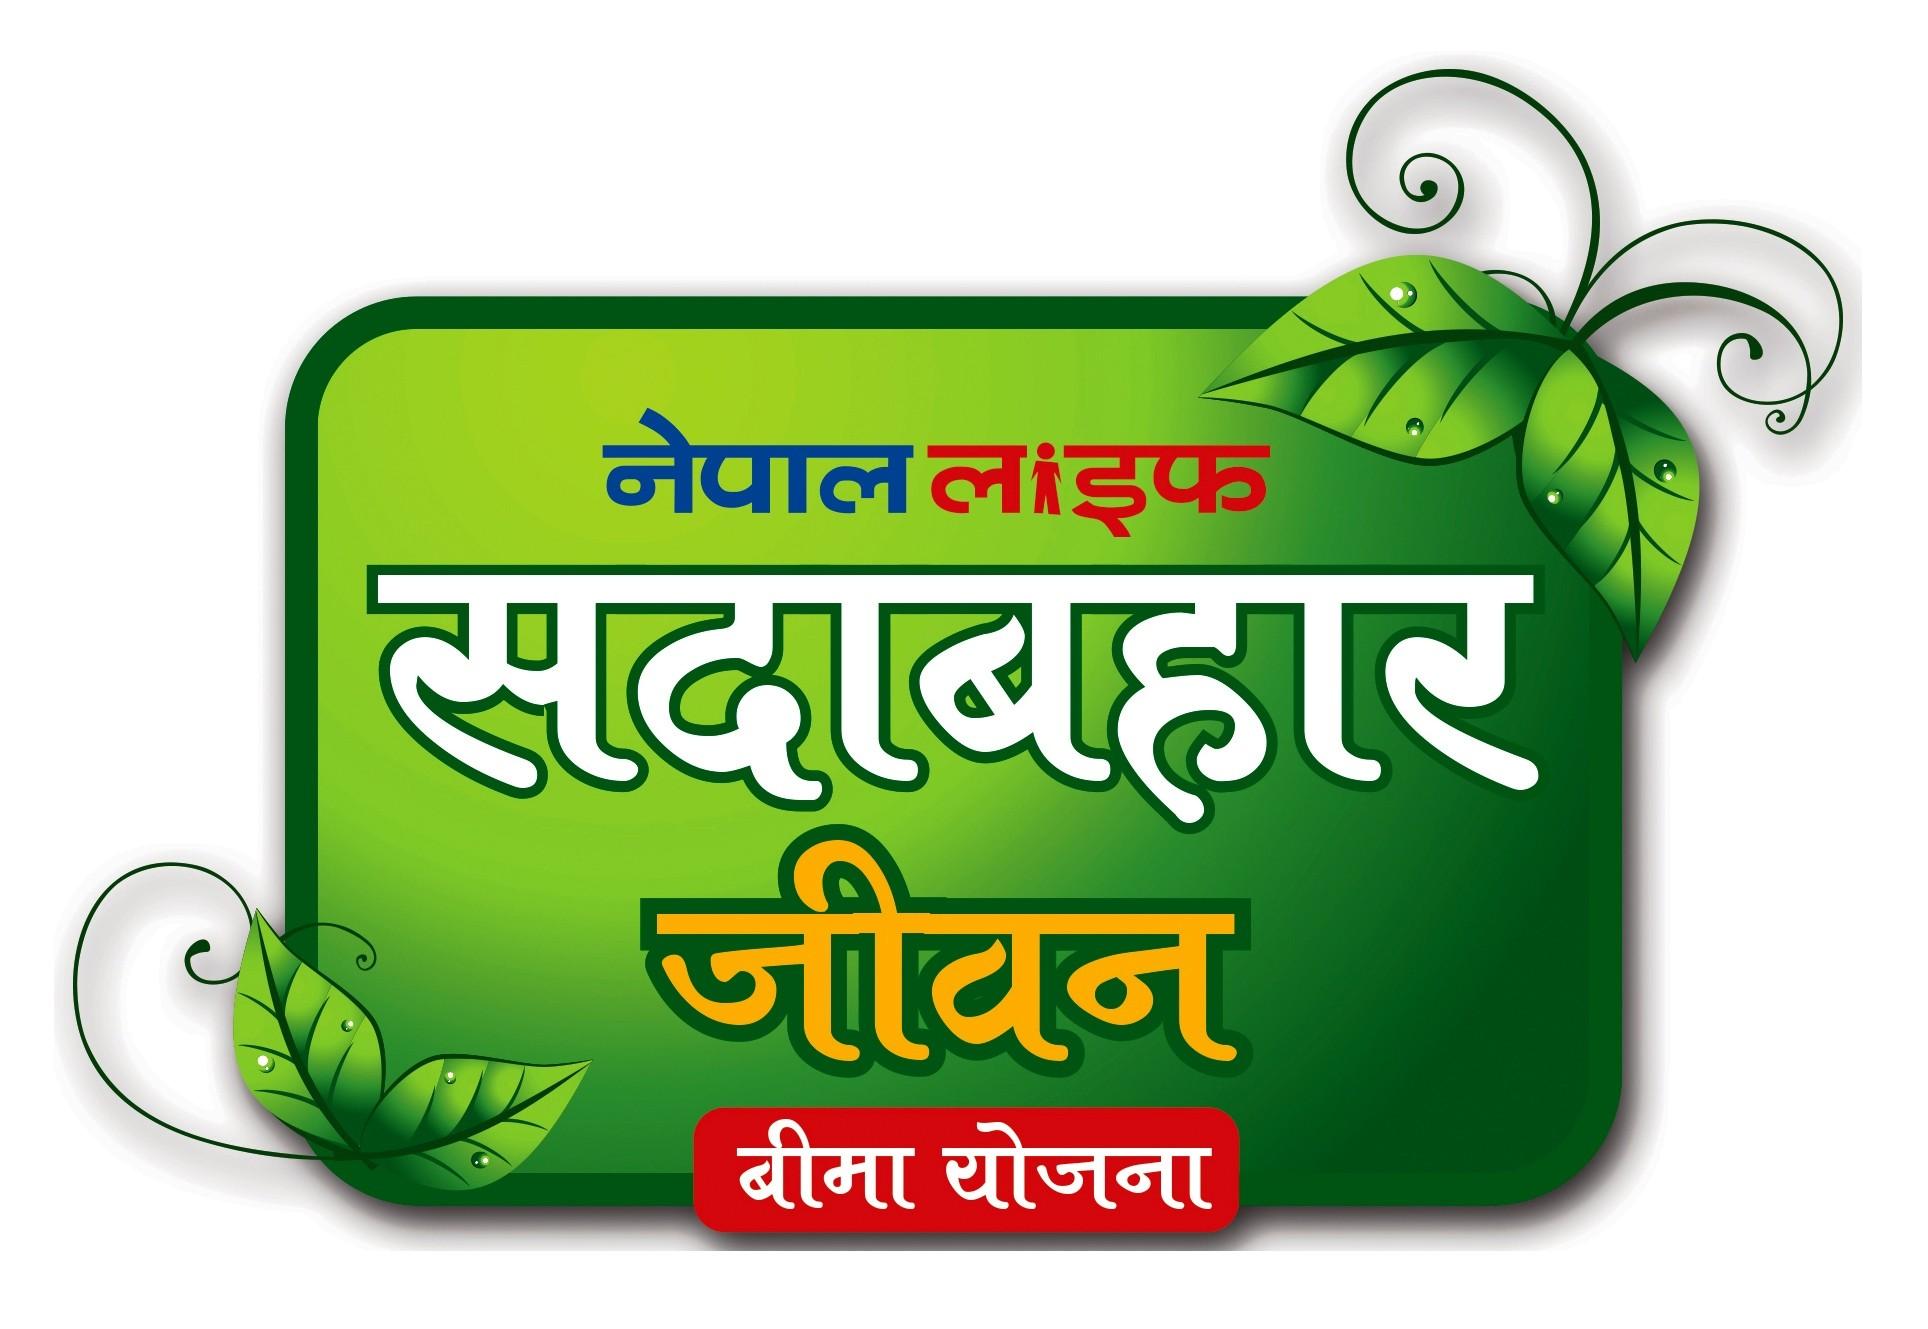 'नेपाल लाइफ सदावहार जीवन बीमा योजना' सार्वजनिक